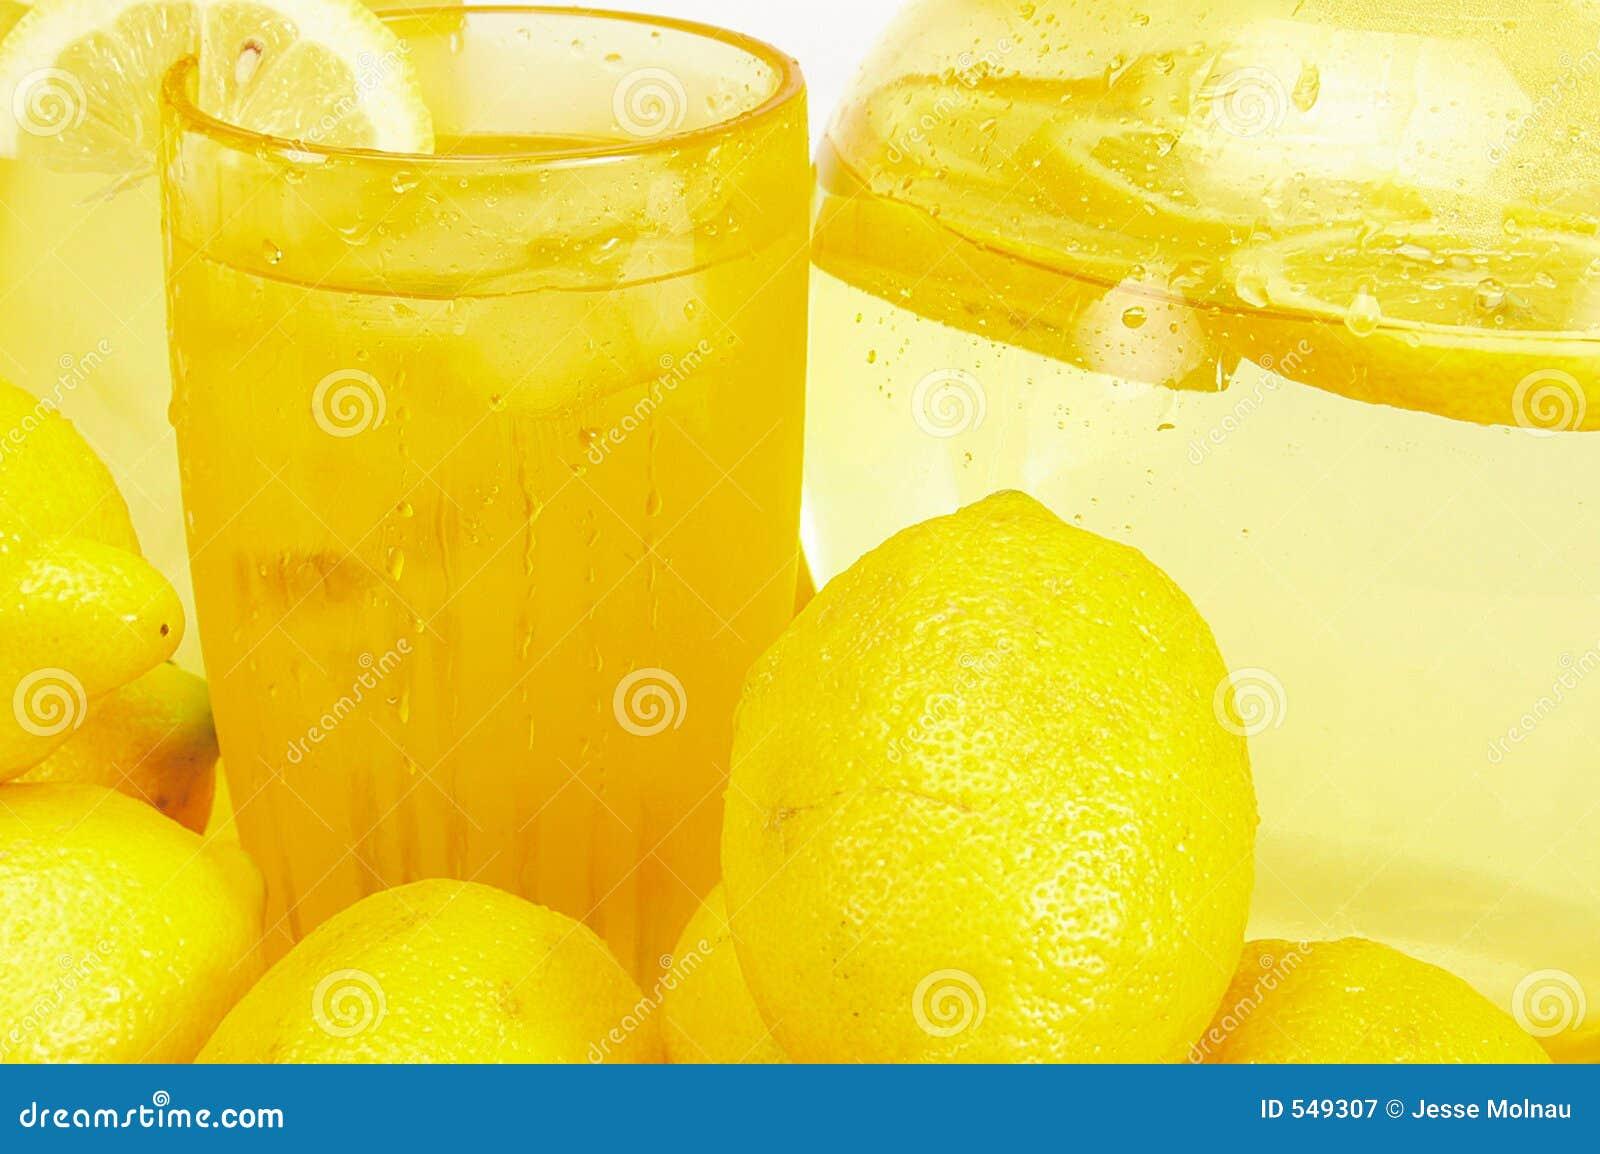 柠檬水柠檬